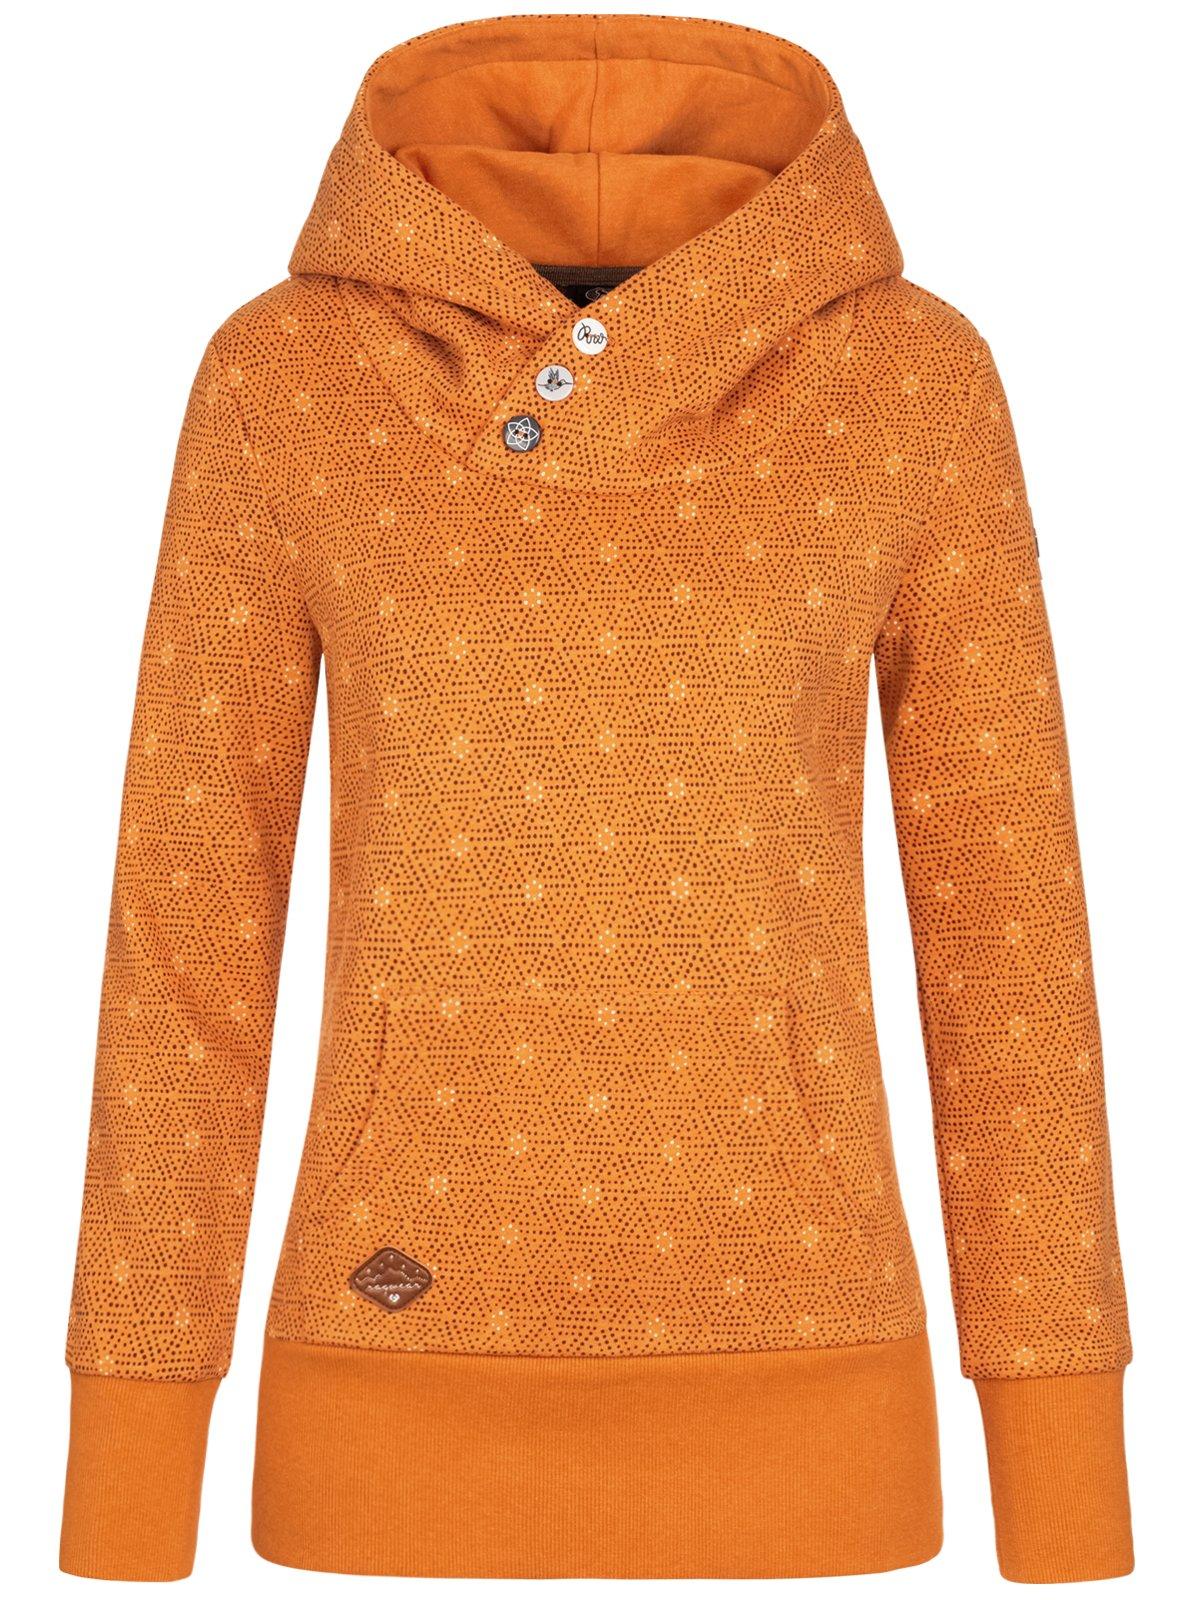 Ragwear Damen Hoodie Pullover Damenpullover Sweatshirt Hoody Pulli Chelsea